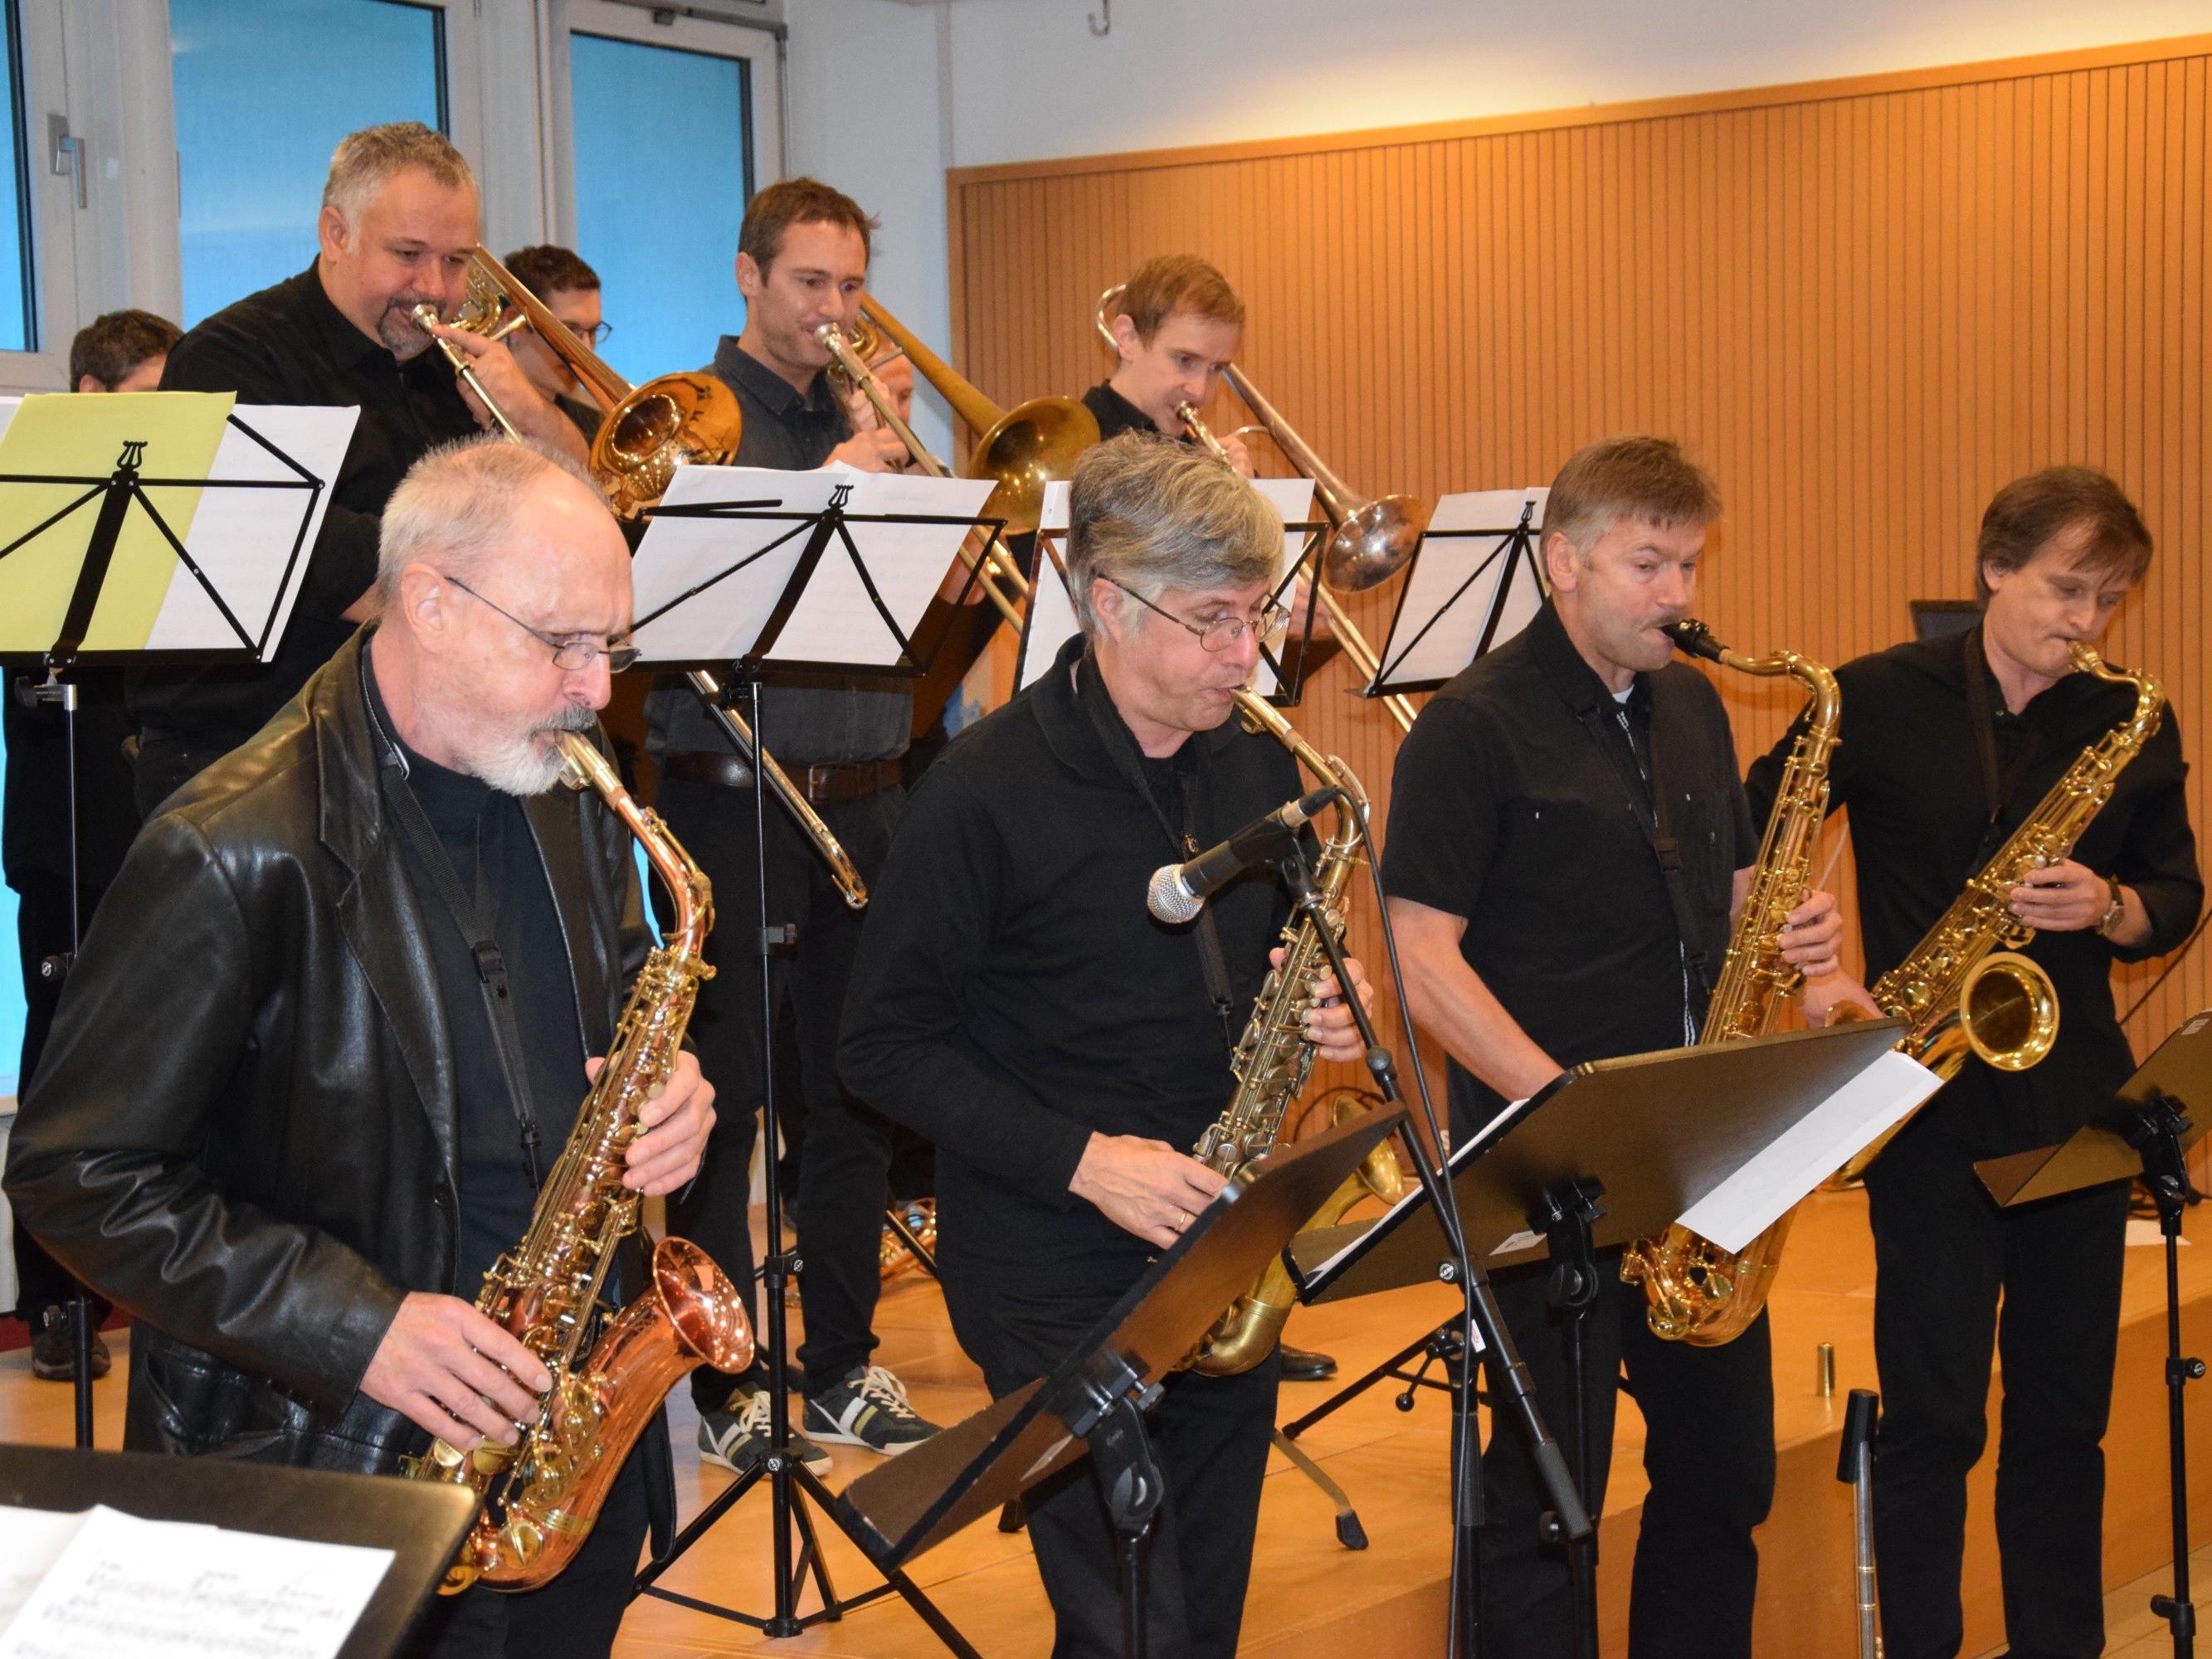 Höhepunkt des Neujahrskonzertes in der Aula des BORG Götzis: Der Auftritt der Swing Werk Big Band